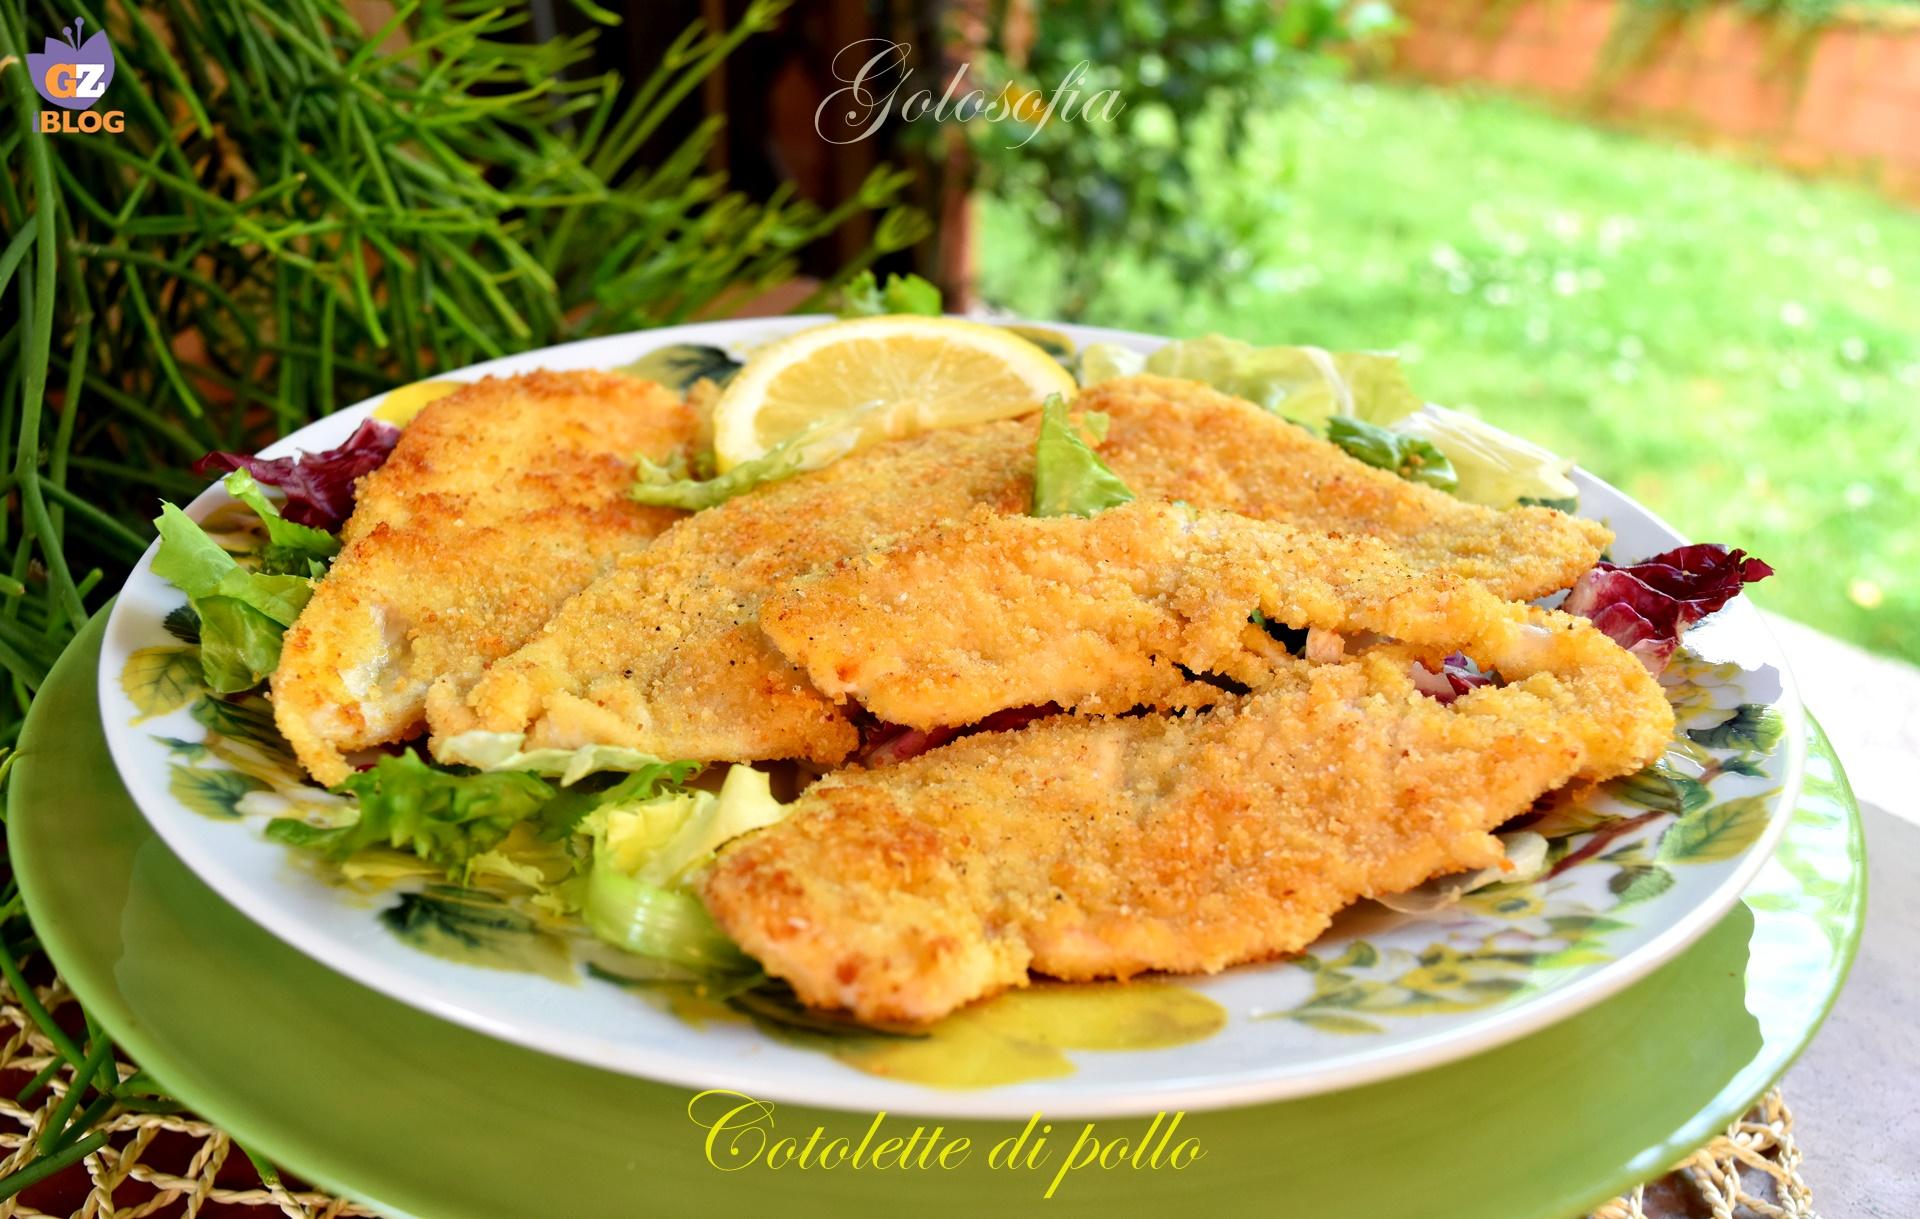 Cotolette di pollo, ricetta gustosa veloce